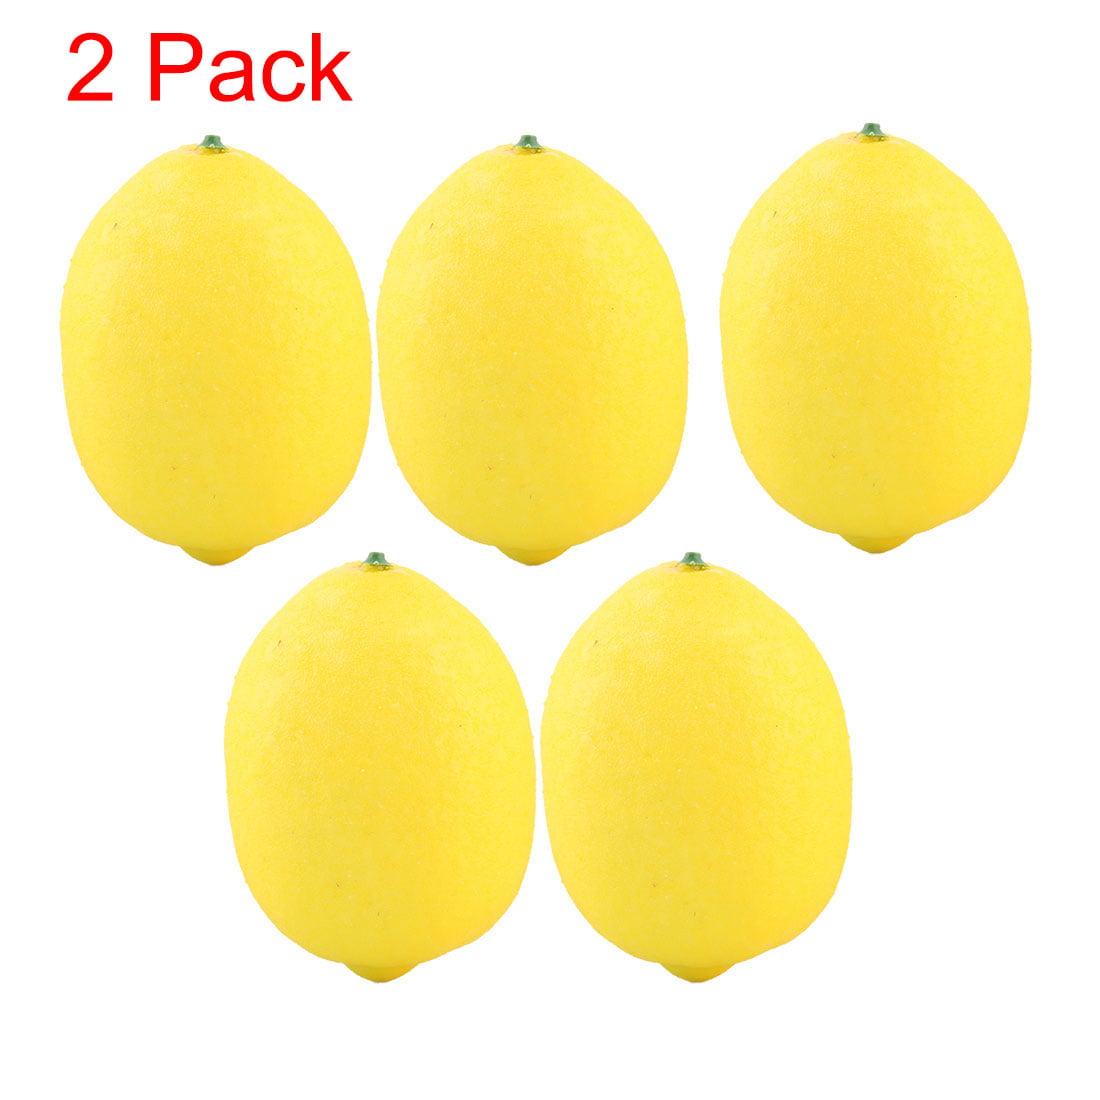 Unique Bargains Photo Background Decor Foam Artificial Lemon Design Emulation Fruit Mold